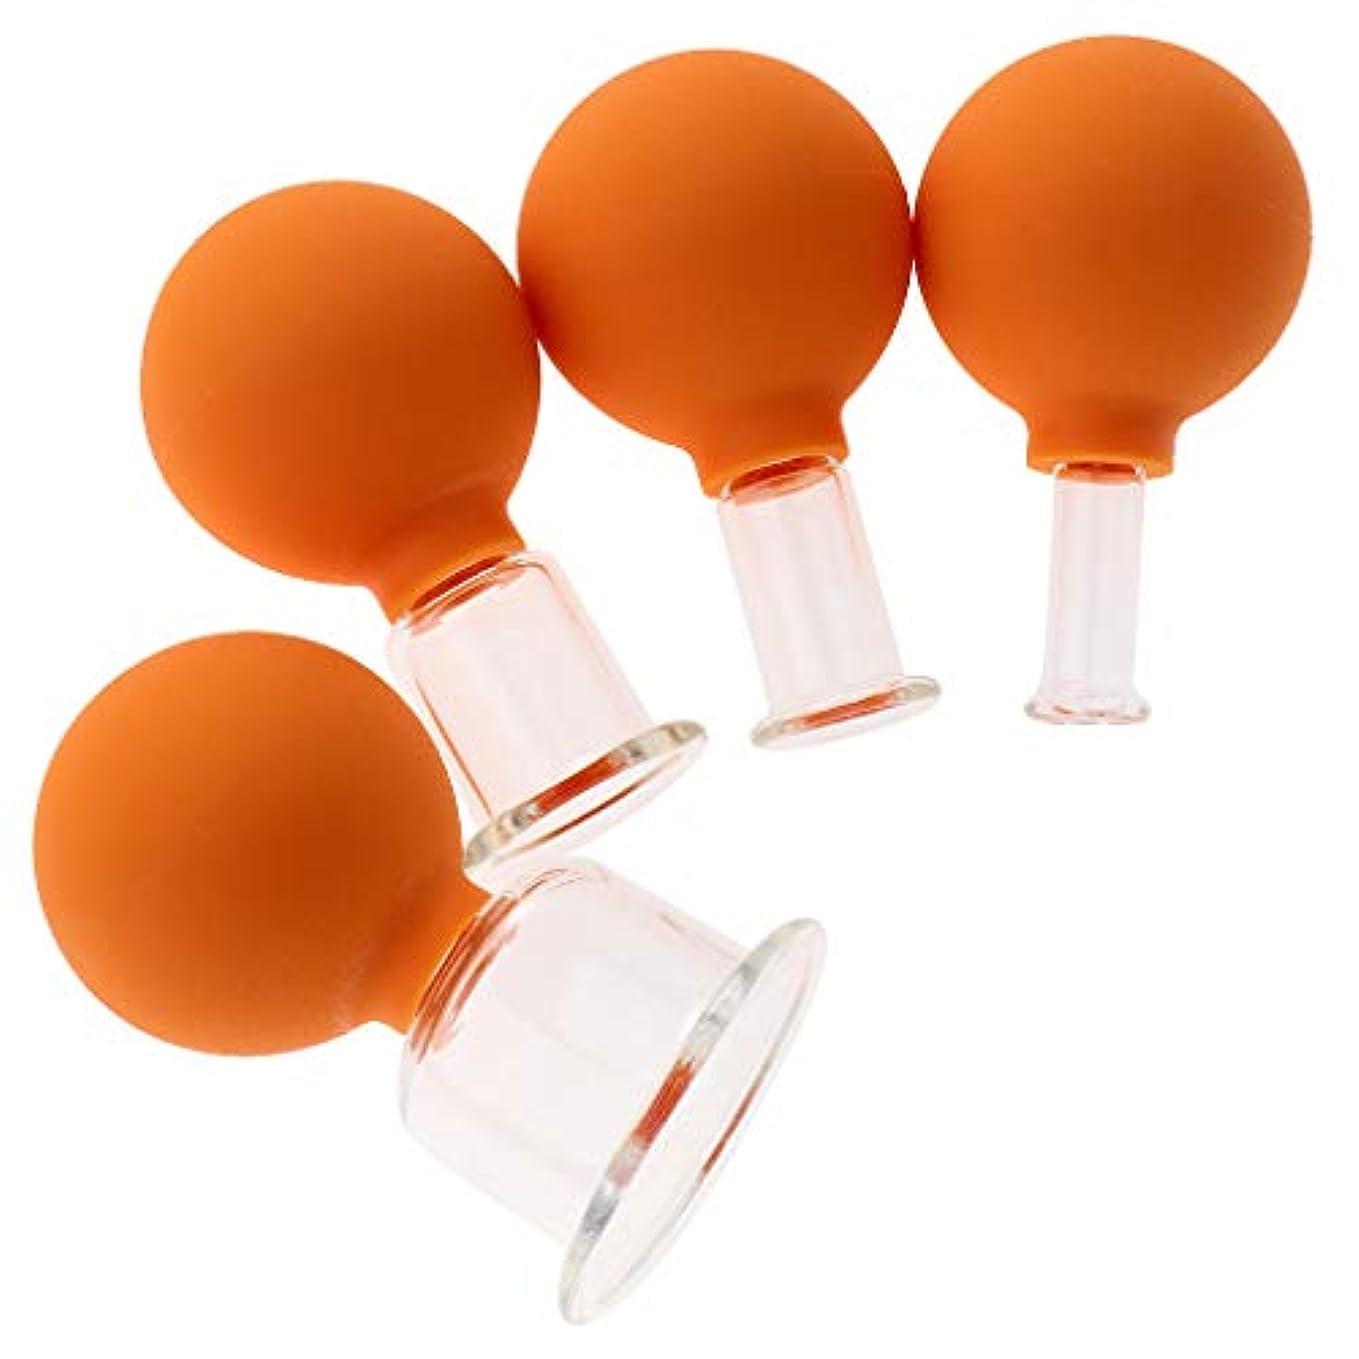 戦争浴蒸留ボディヘッドネック用4バキュームマッサージカップアンチセルライトガラスカップのセット - オレンジ